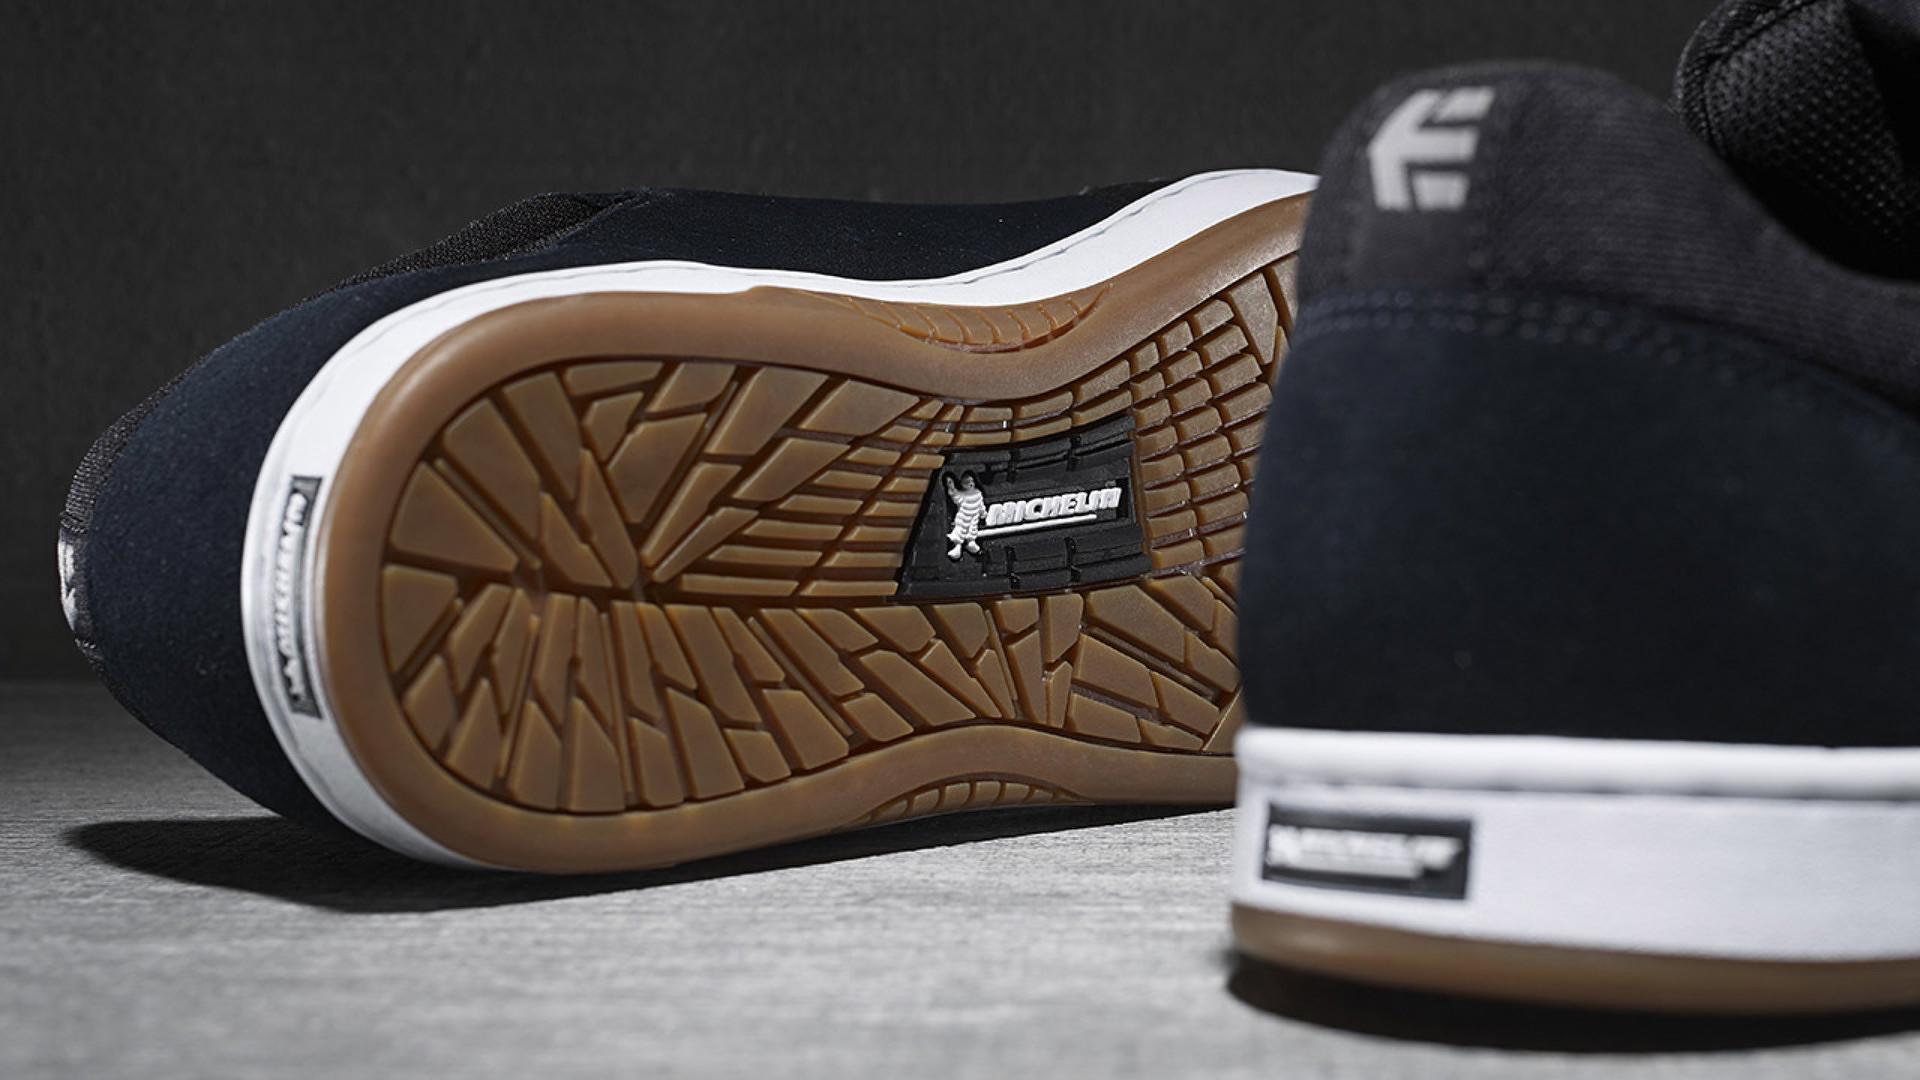 Michelin_Etnies_Sneakers_05